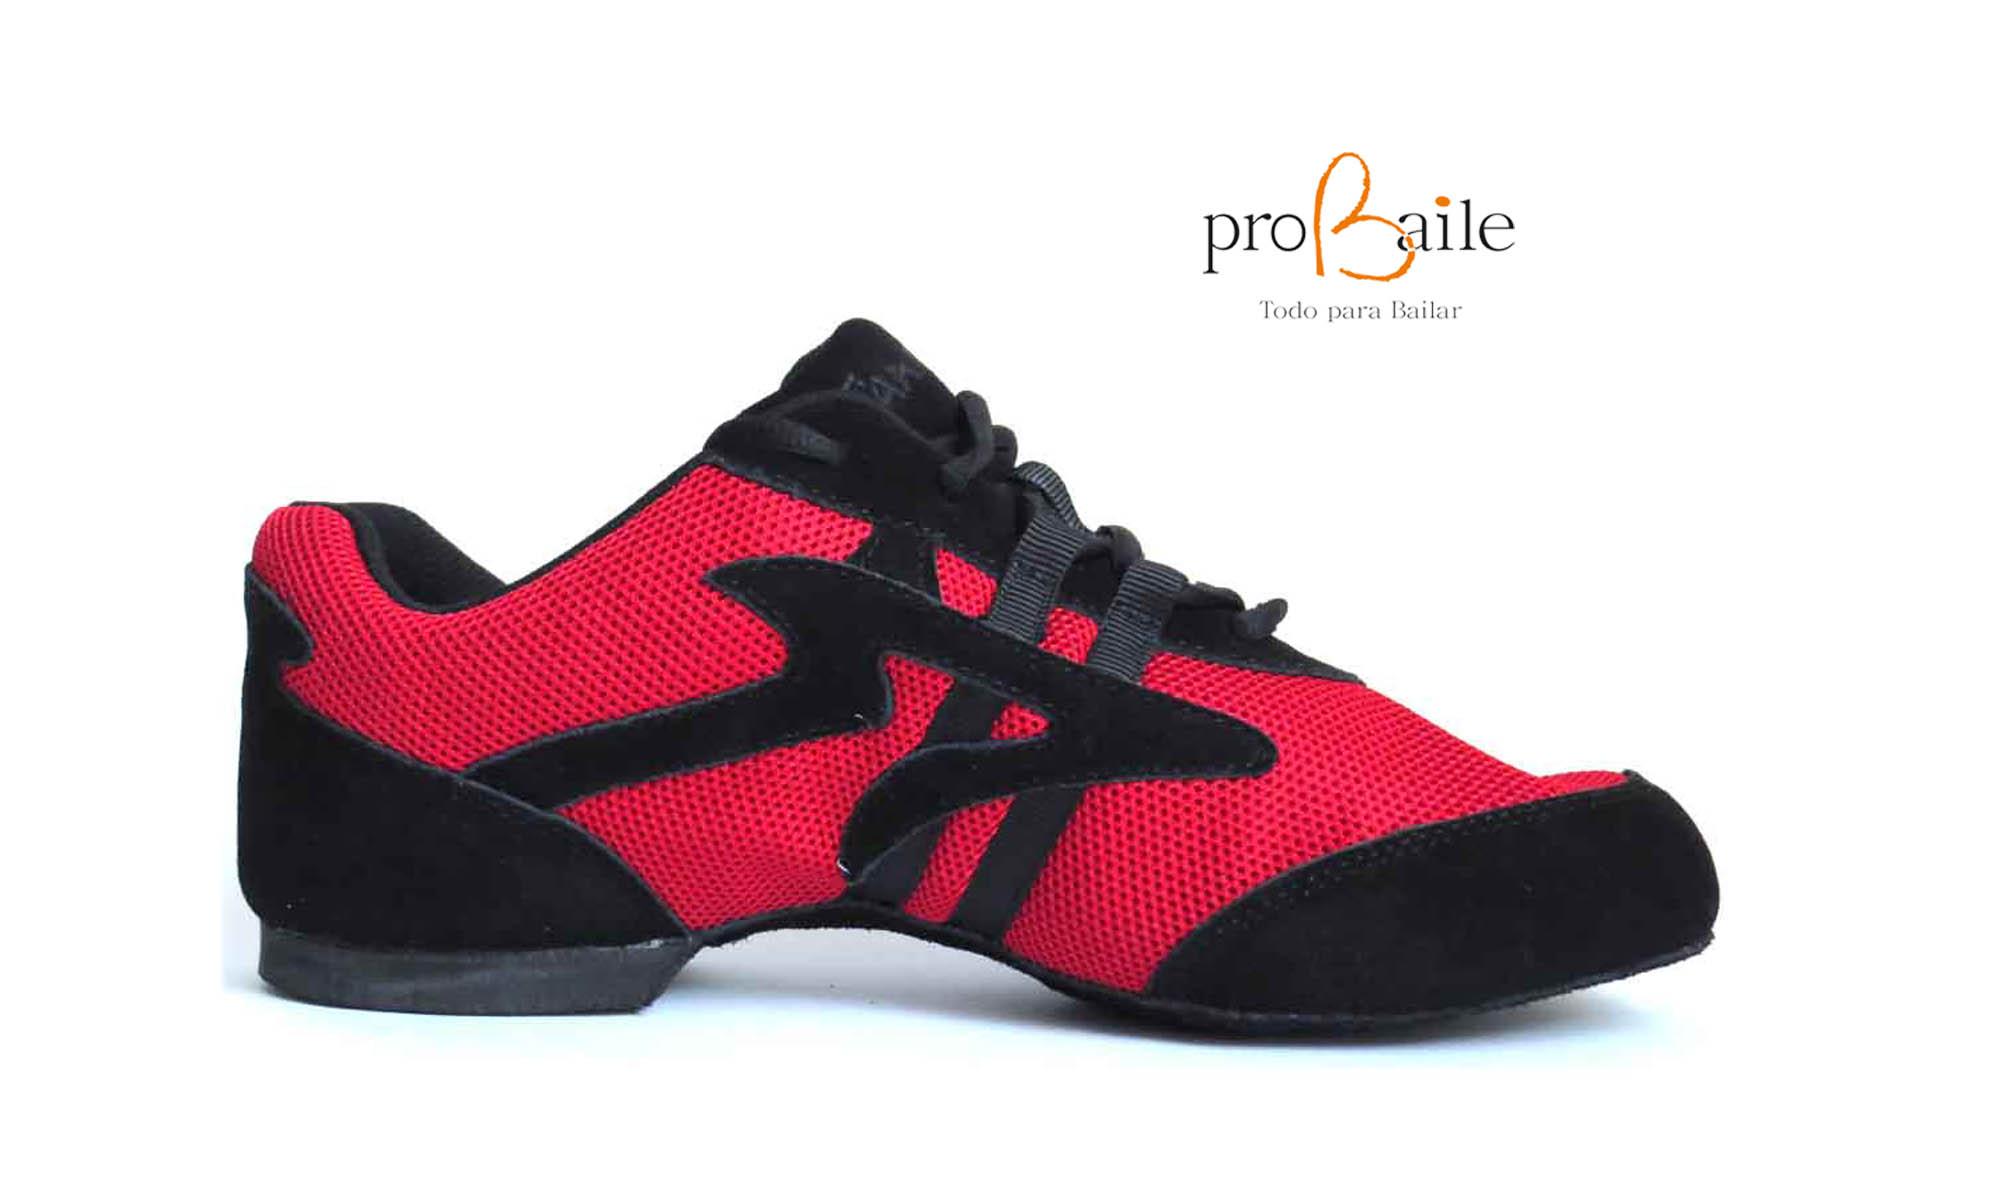 e8aabf7a Este tipo de calzado, en apariencia, es lo más parecido al una zapatilla  normal, aunque la suela es diferente. La puedes encontrar de distintos  materiales ...